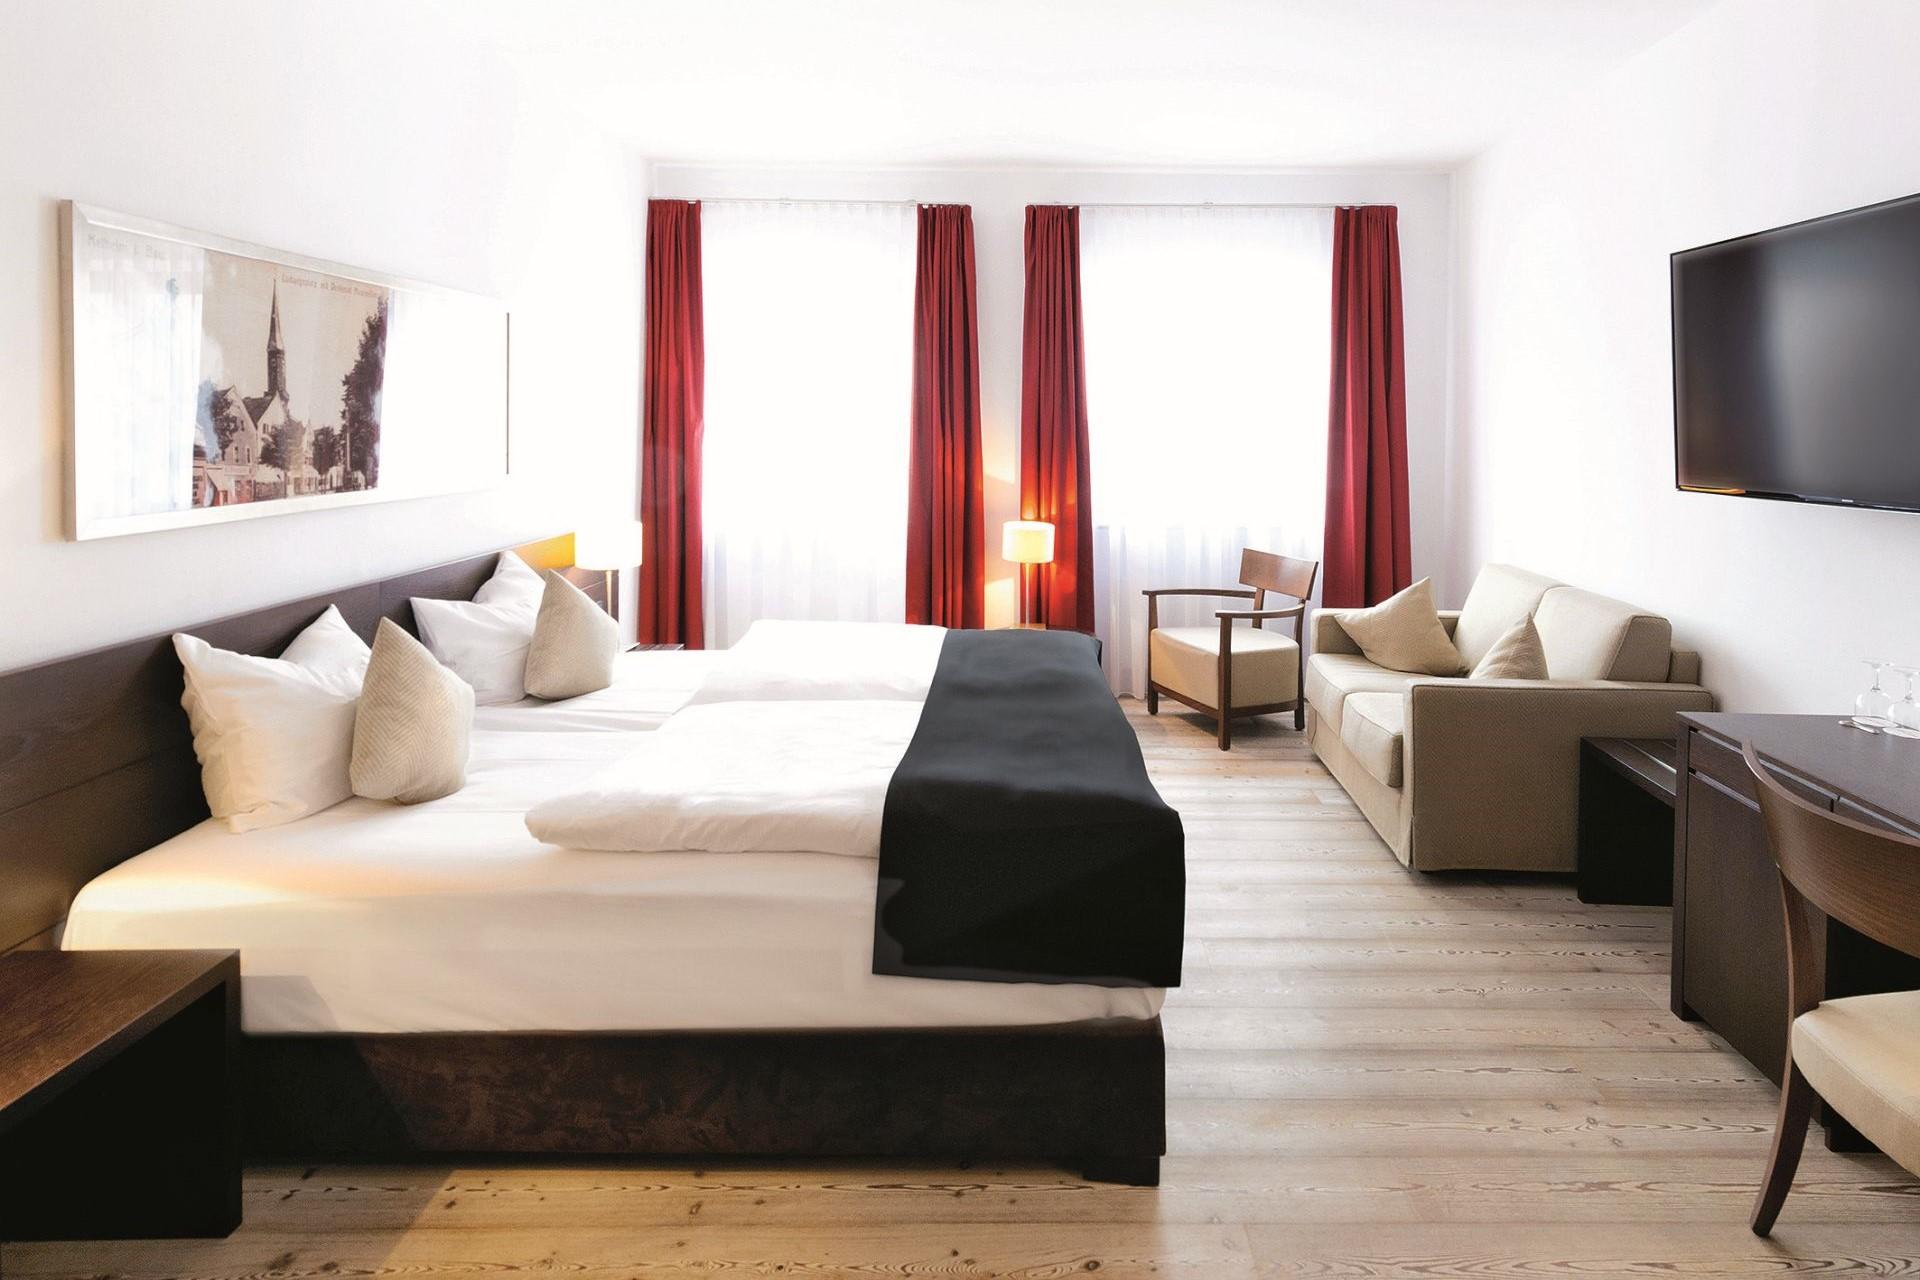 Doppelzimmer im Dormero Hotel in Kelheim im Altmühltal